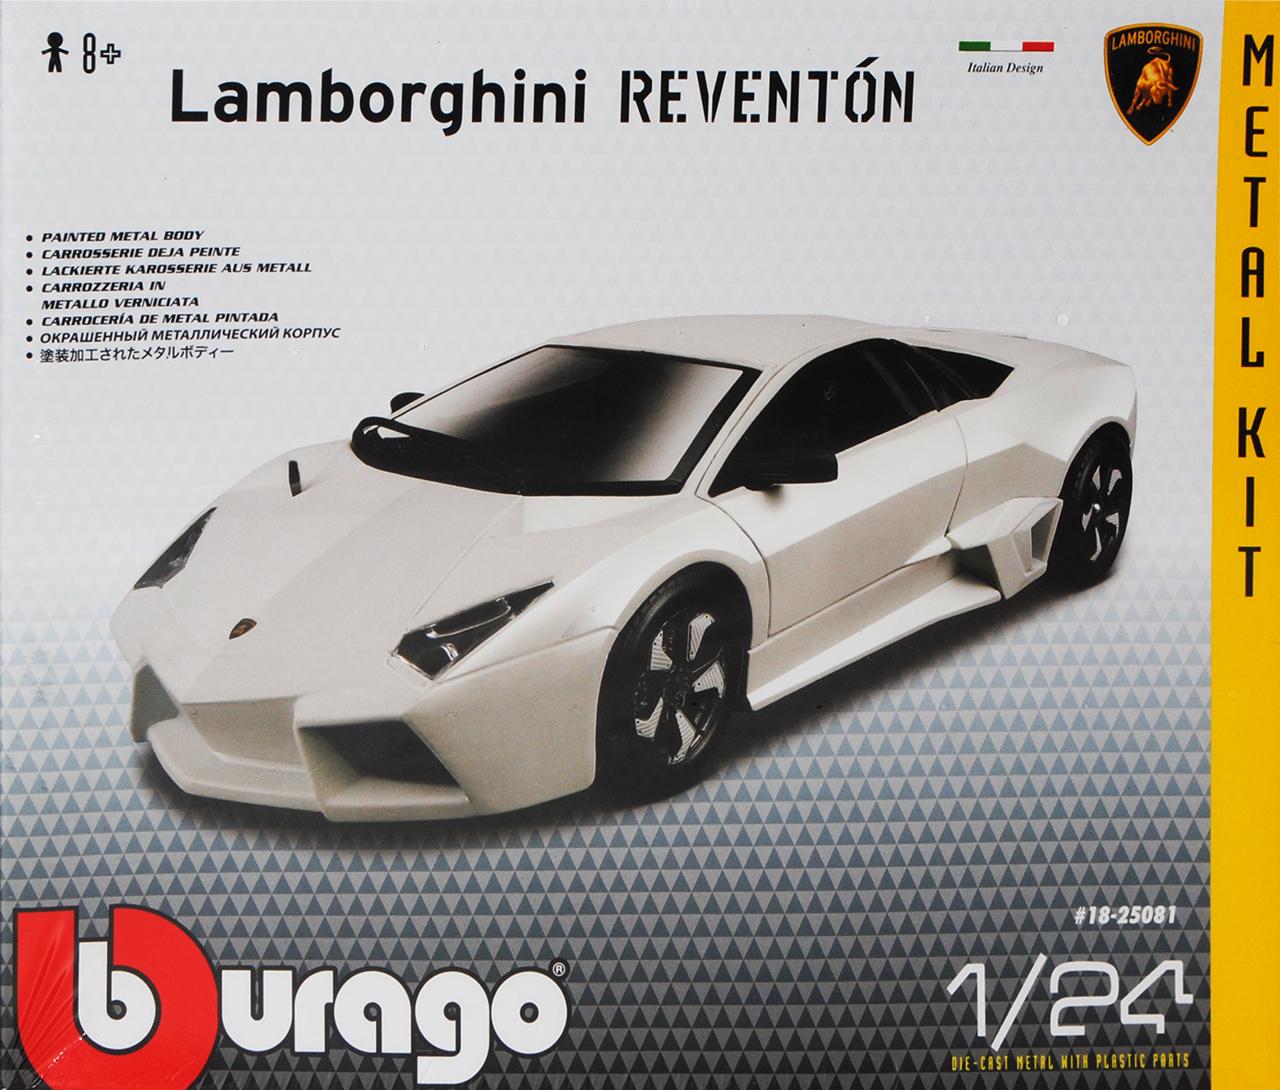 LAMBORGHINI REVENTON COUPE BIANCO KIT KIT 1//24 Bburago Auto Modello o con...